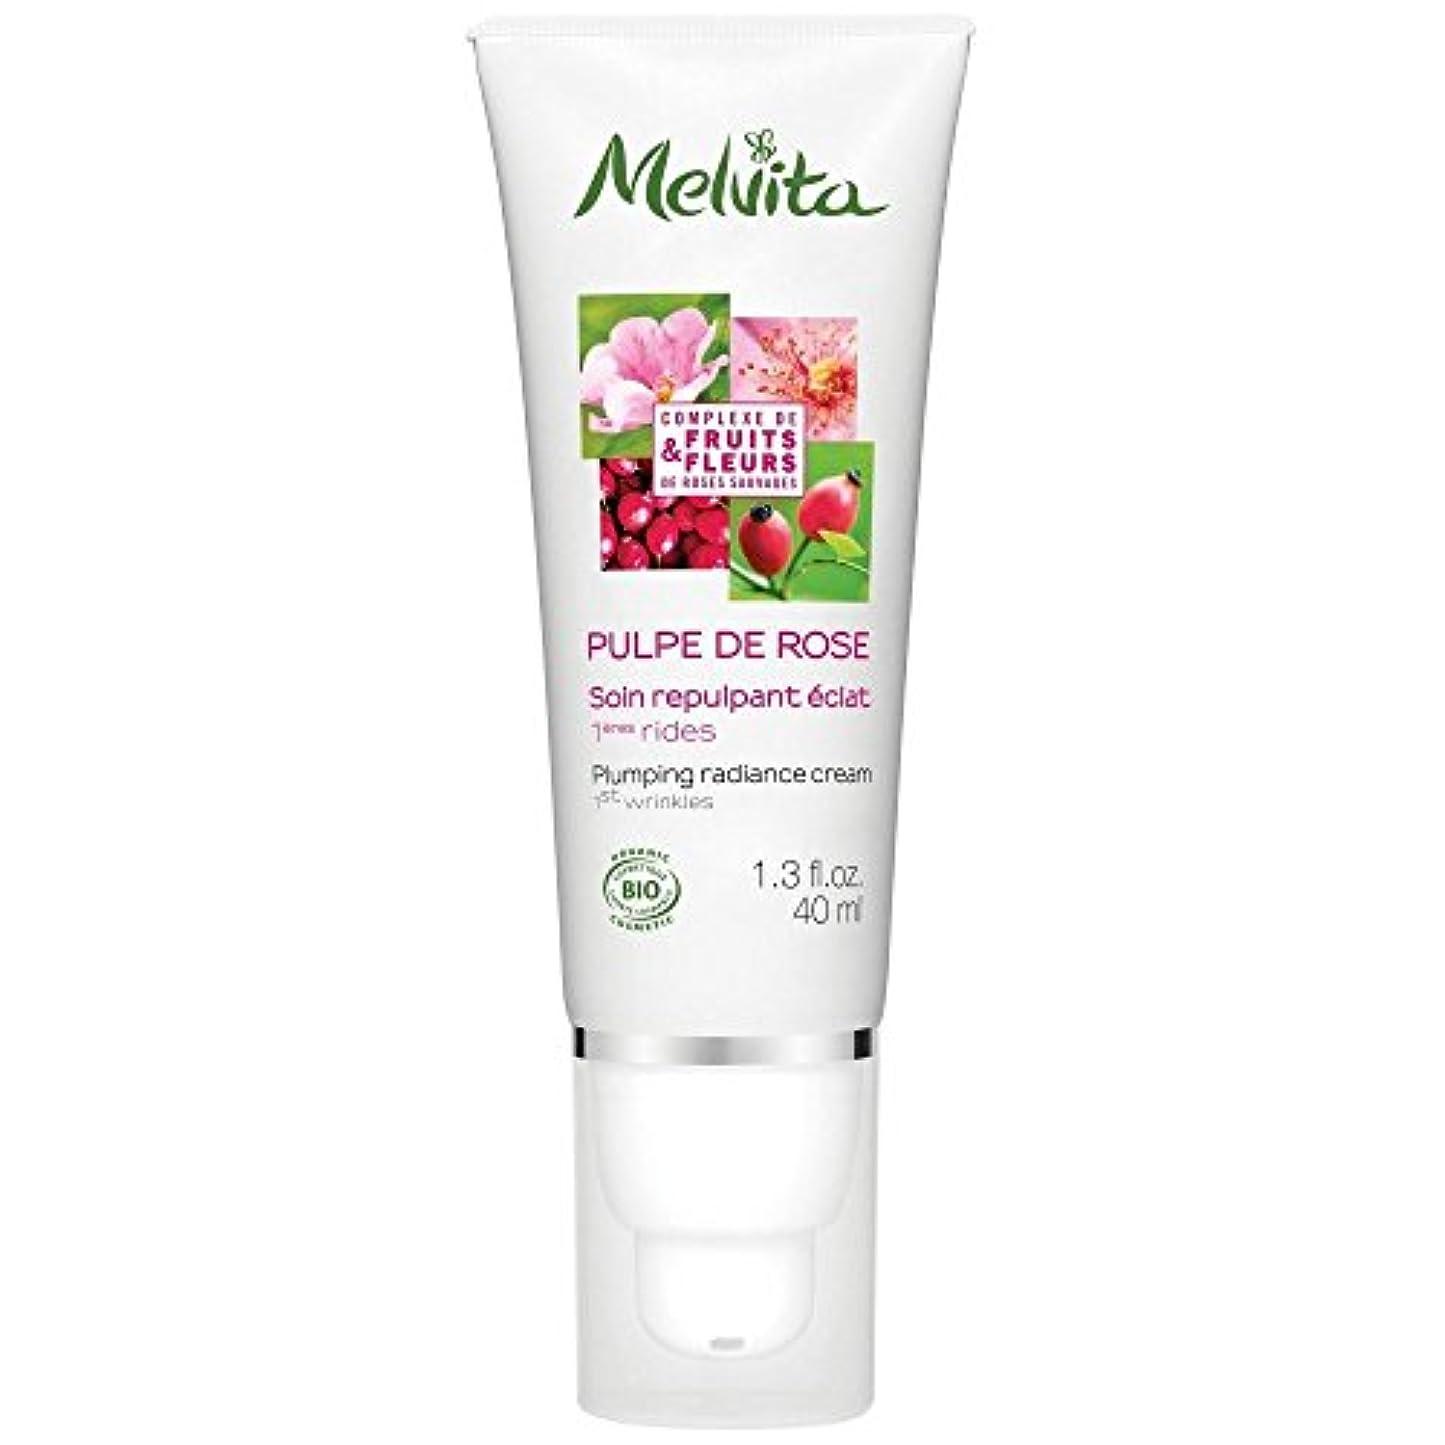 オンス救い中で[Melvita] メルヴィータ膨化輝きクリーム、40ミリリットル - Melvita Plumping Radiance Cream, 40ml [並行輸入品]